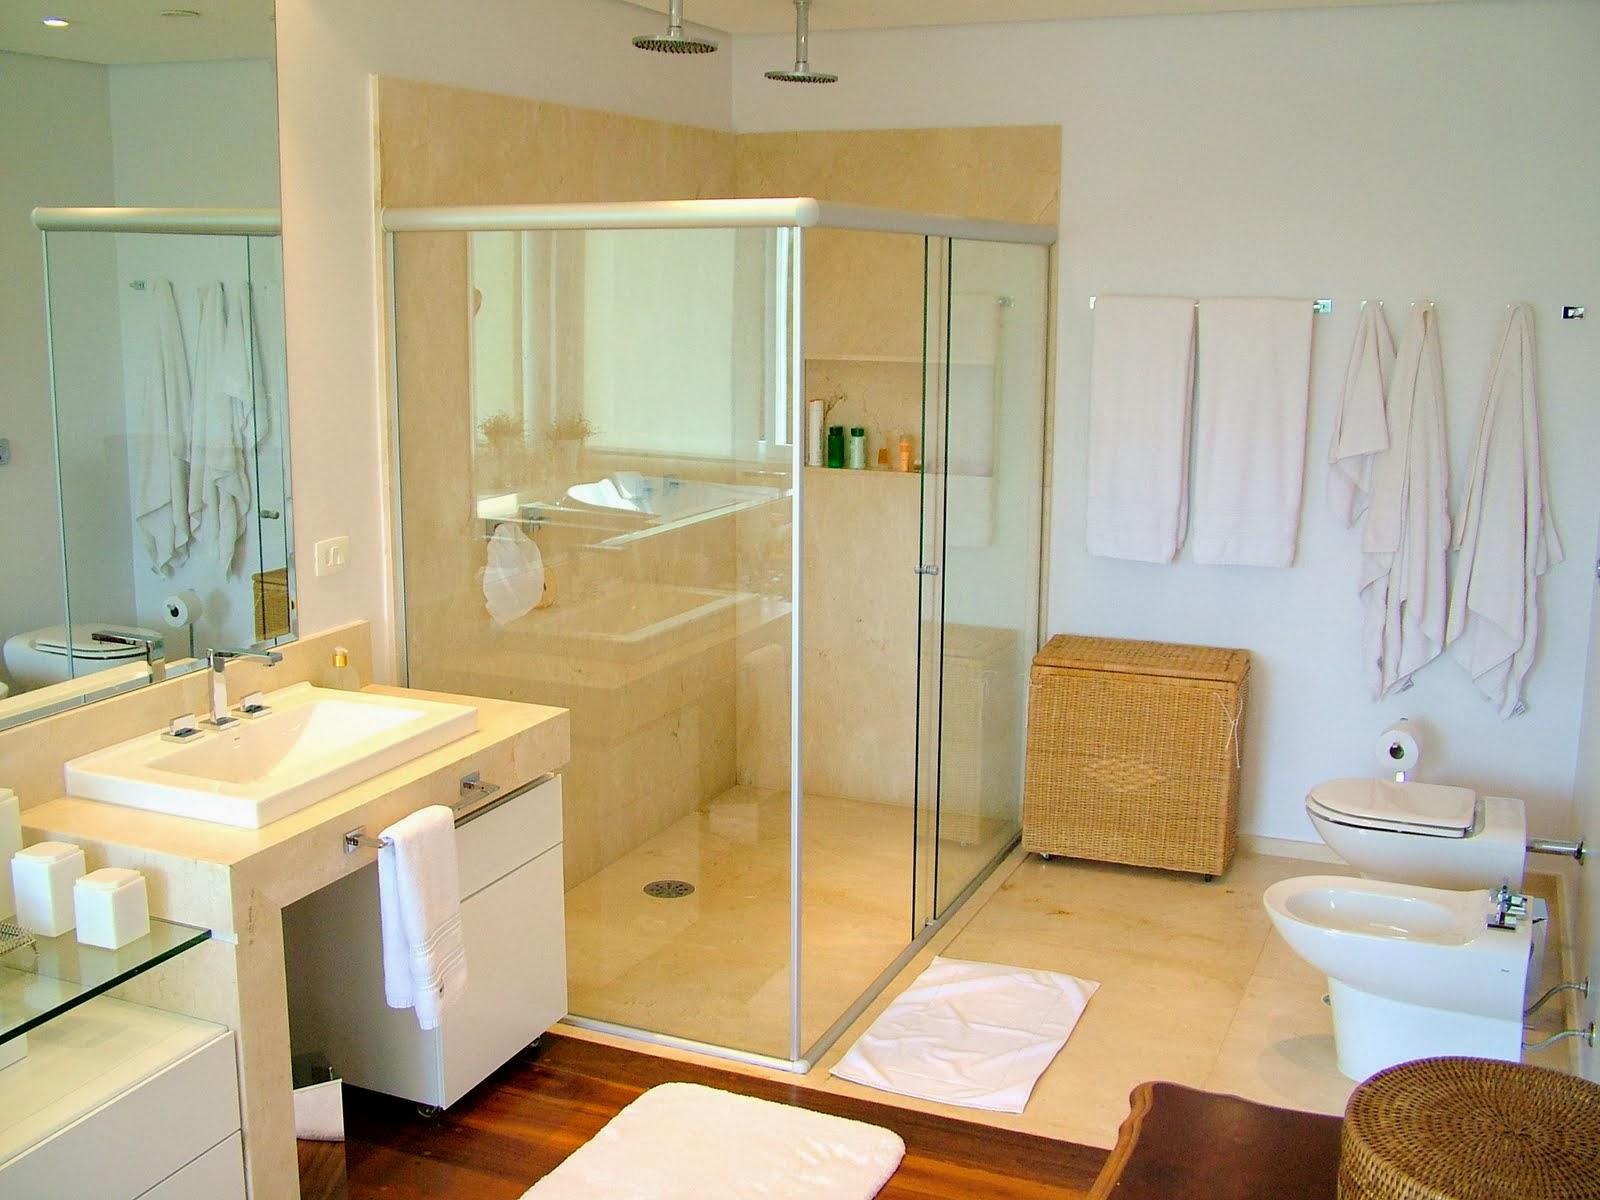 decoracao de banheiro pequeno quadrado:Revestimento Para Banheiro #703D18 1600 1200